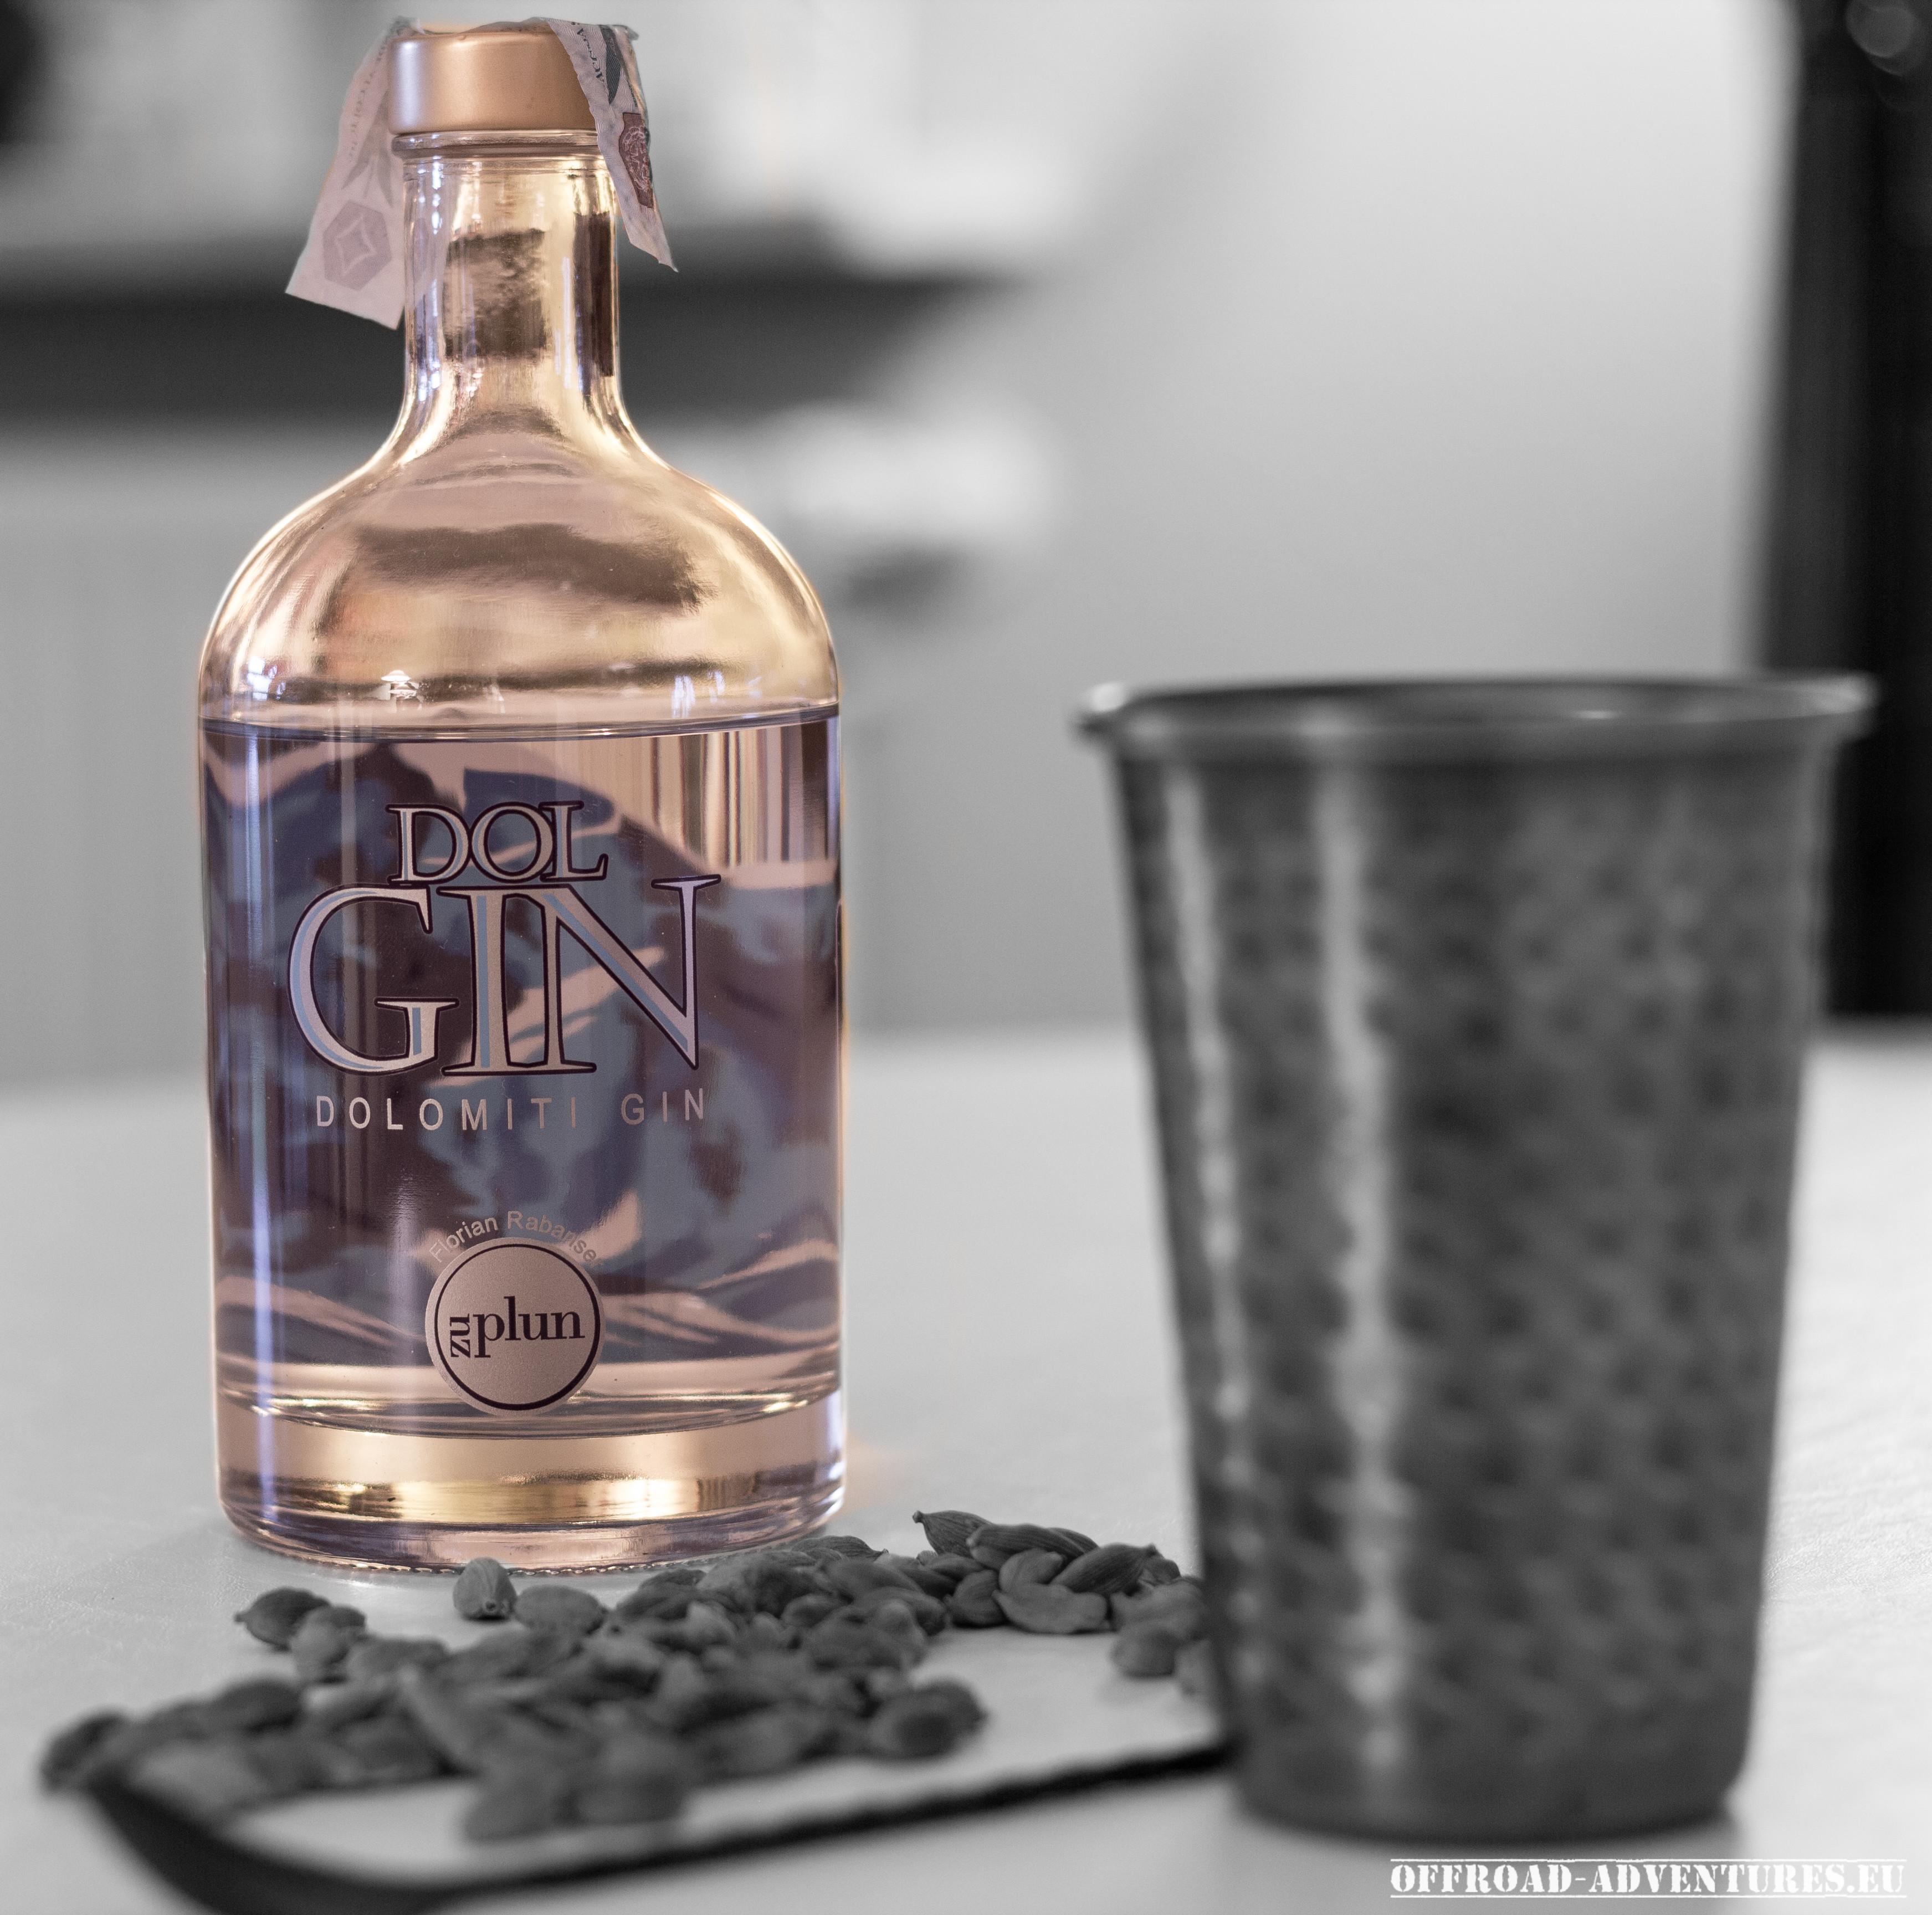 Dolomiti Gin